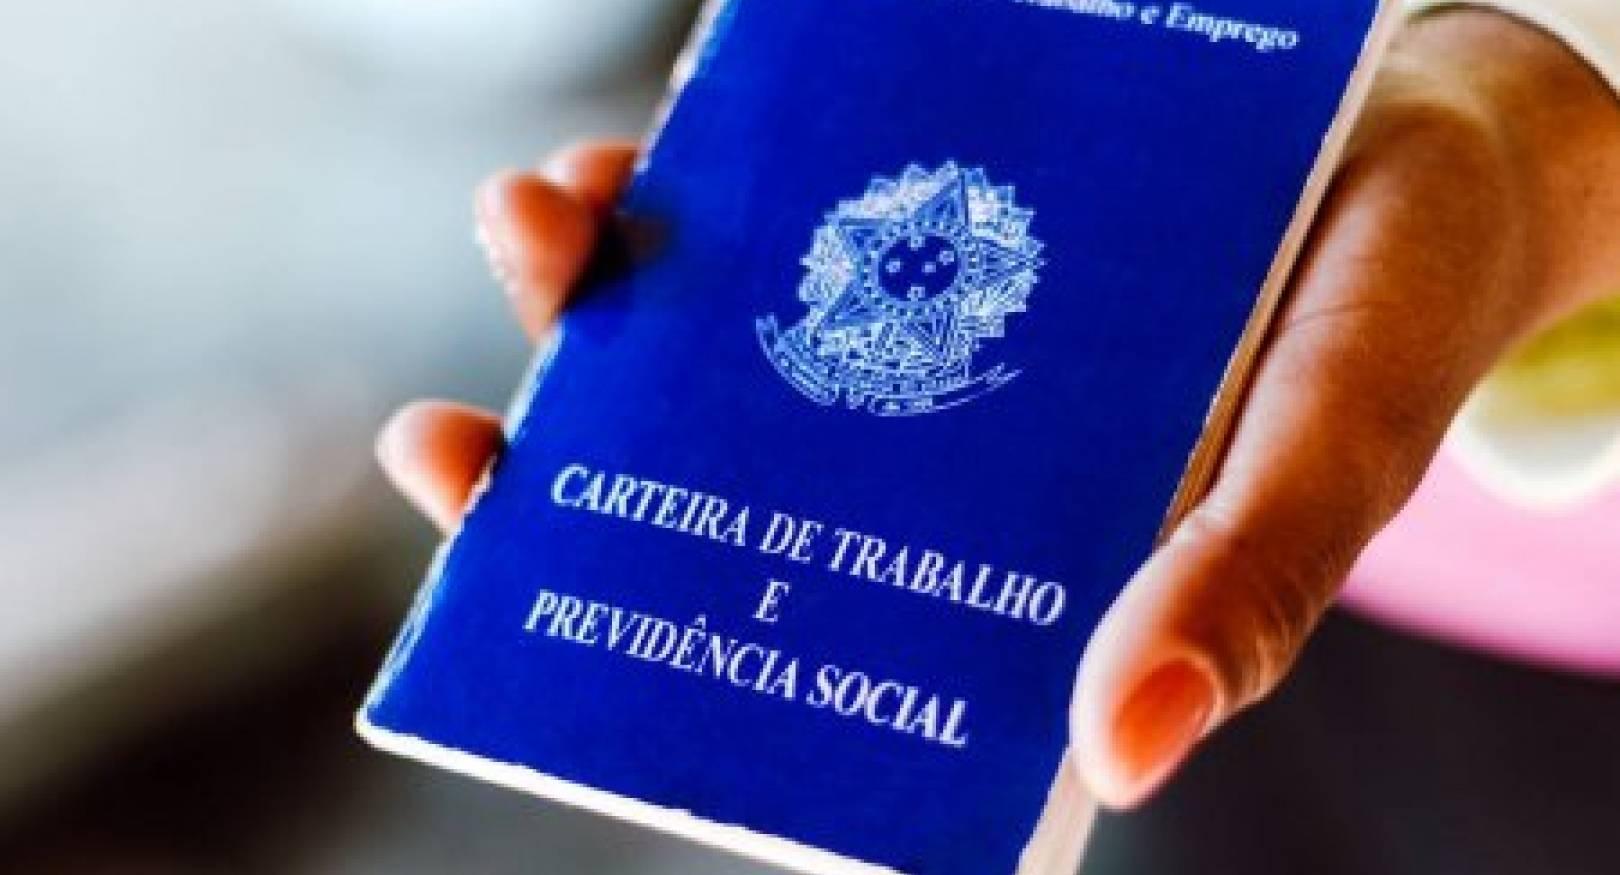 Coca-Cola abre diversas vagas de emprego em Minas Gerais; veja benefícios